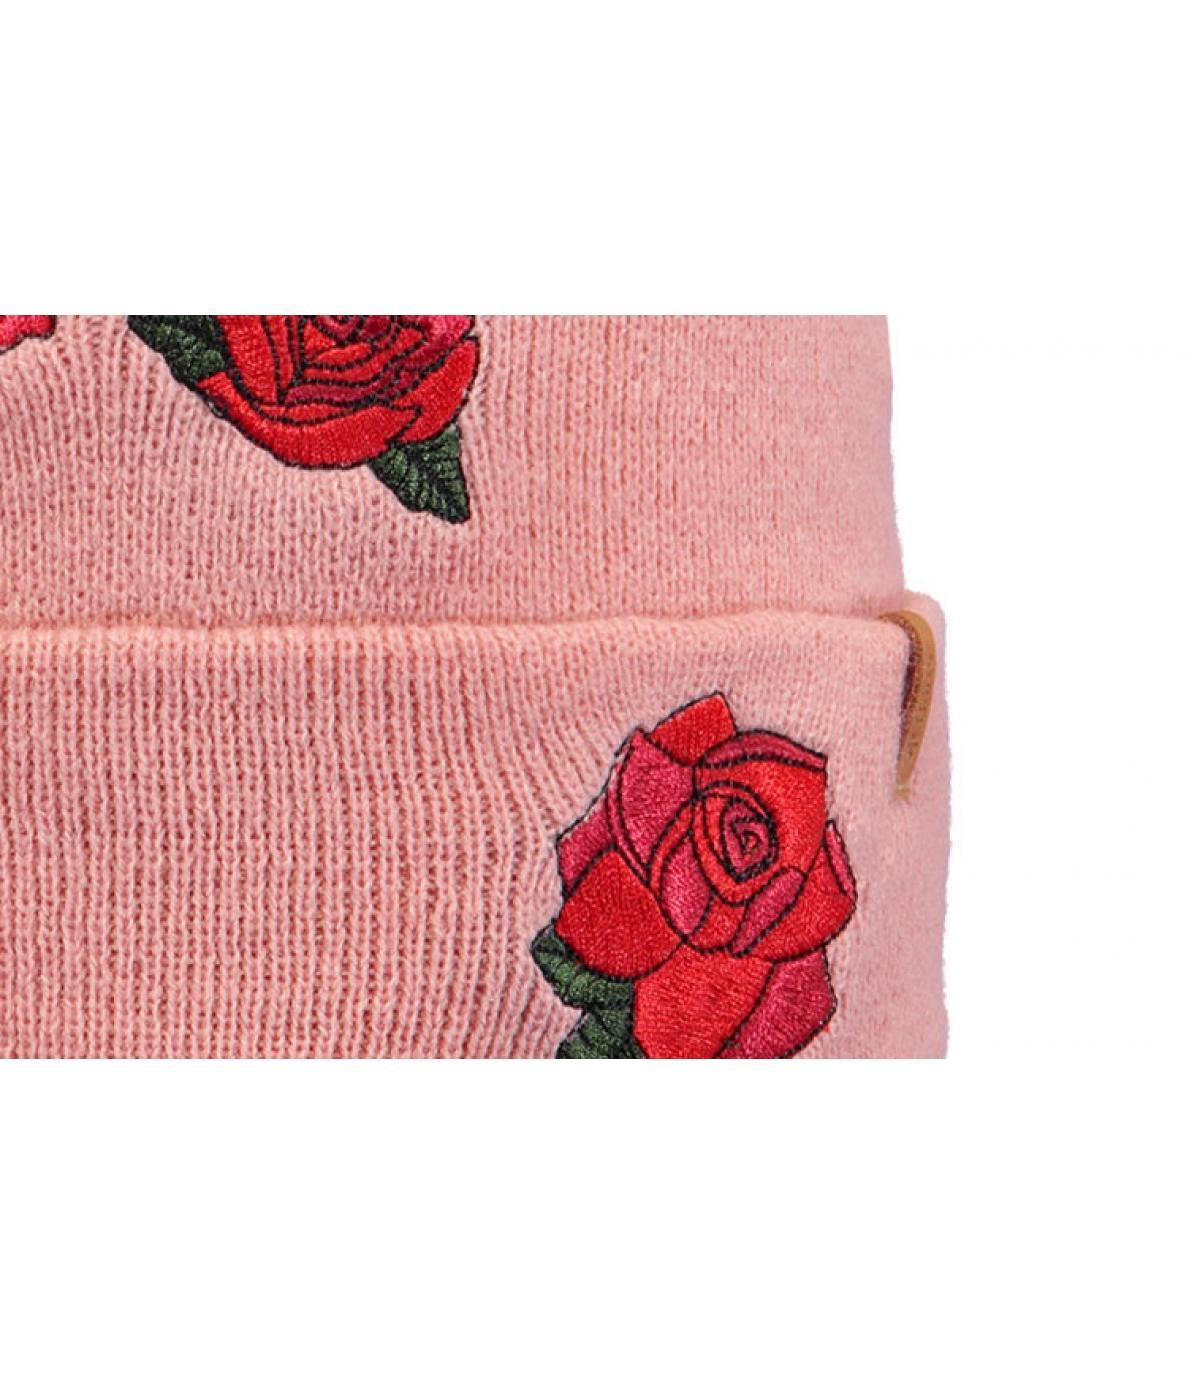 Détails Orelis Beanie pink - image 3